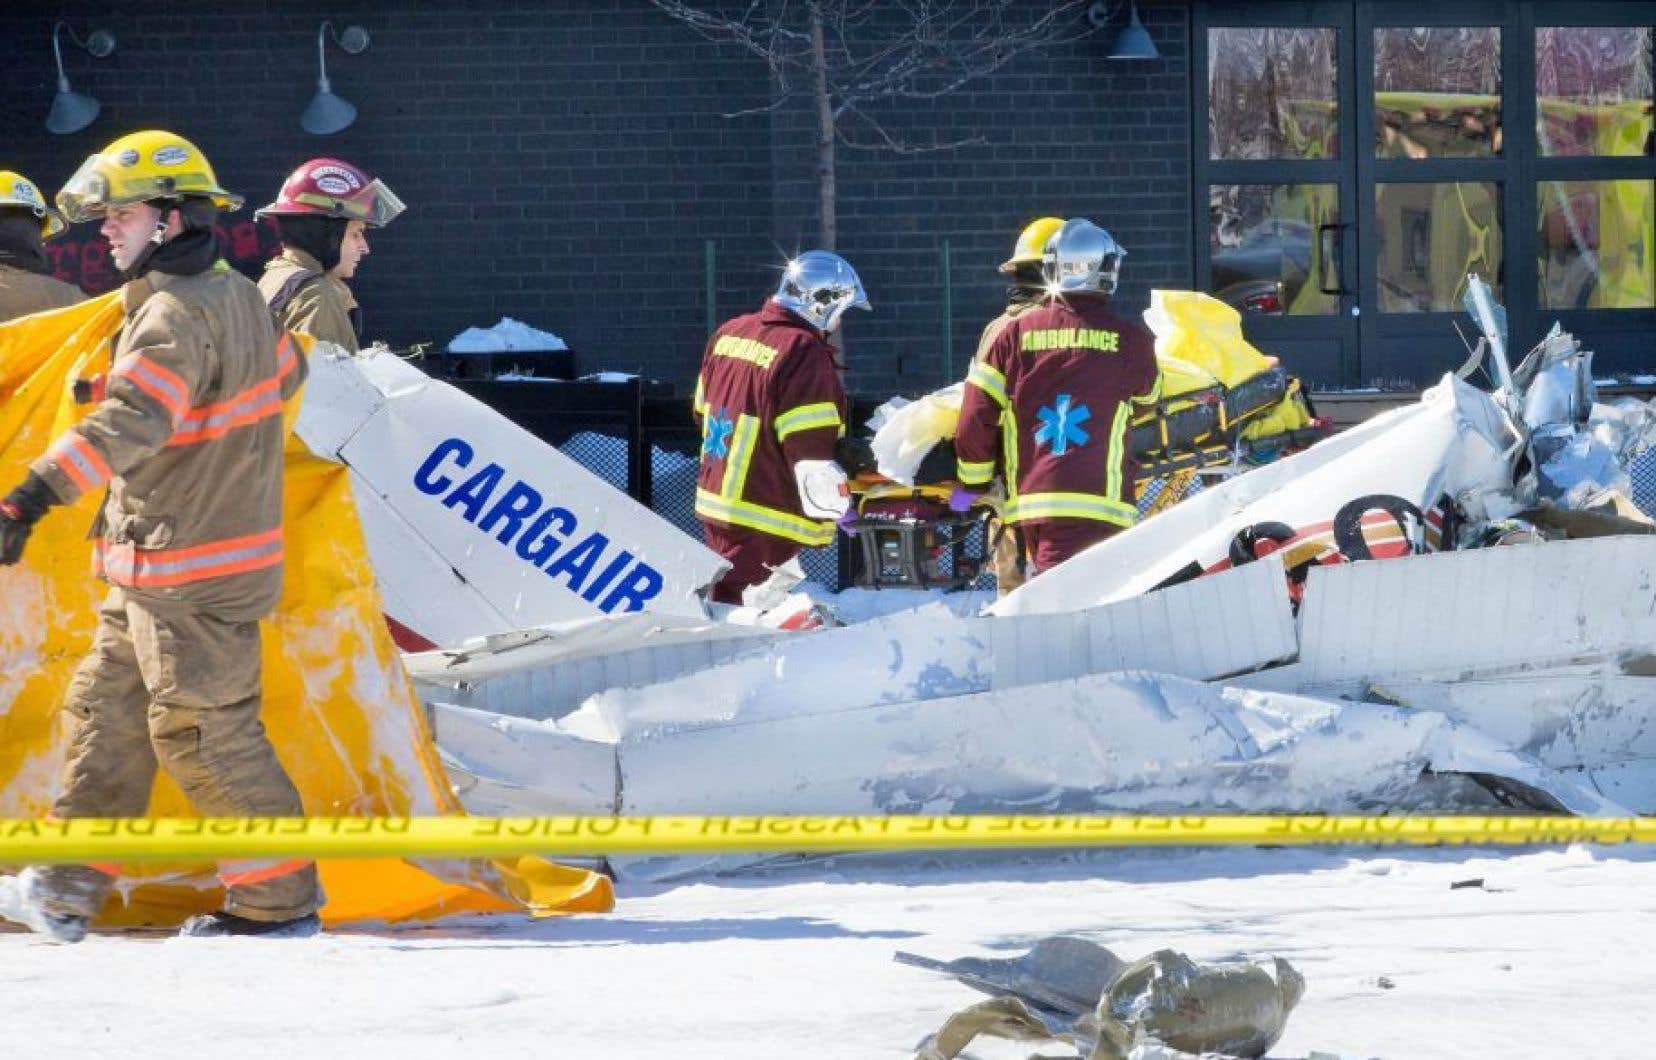 L'un des deux appareils impliqués dans la collision inusitée est tombé à pic dans le stationnement des Promenades Saint-Bruno.